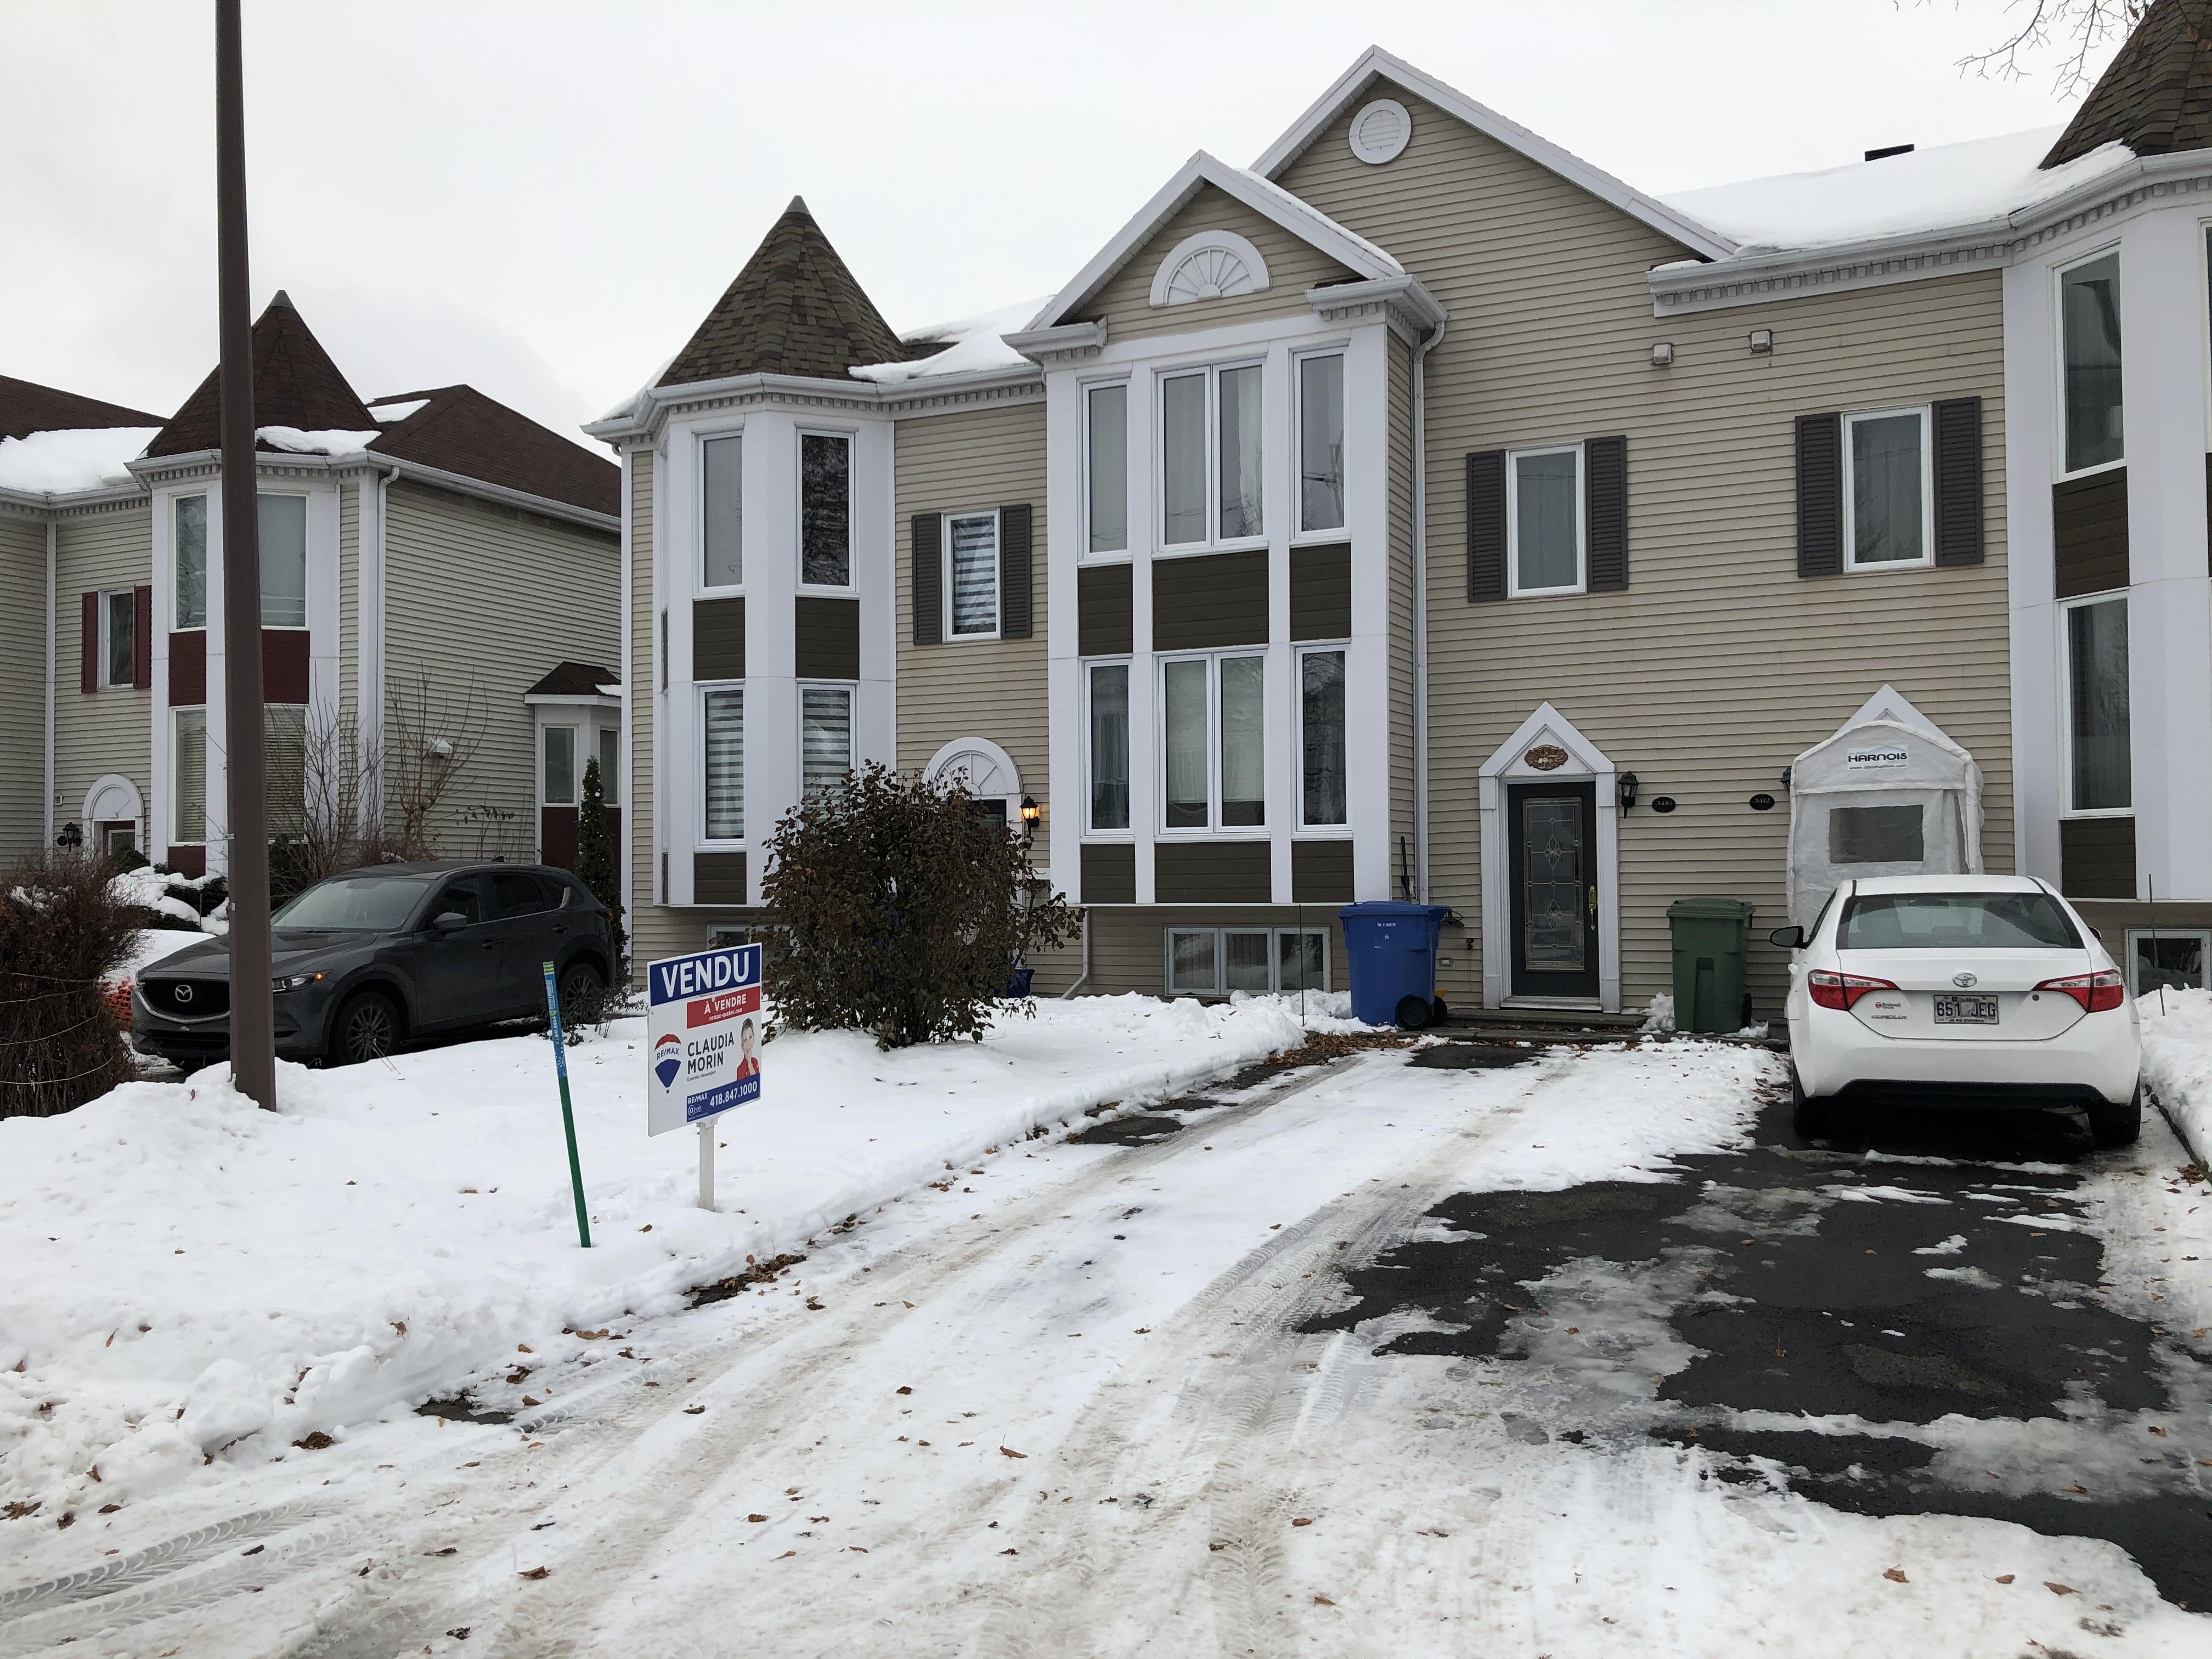 3416 Dubé, Duberger Les Saules, Claudia Morin agent d'immeuble Remax courtier immobilier coutière